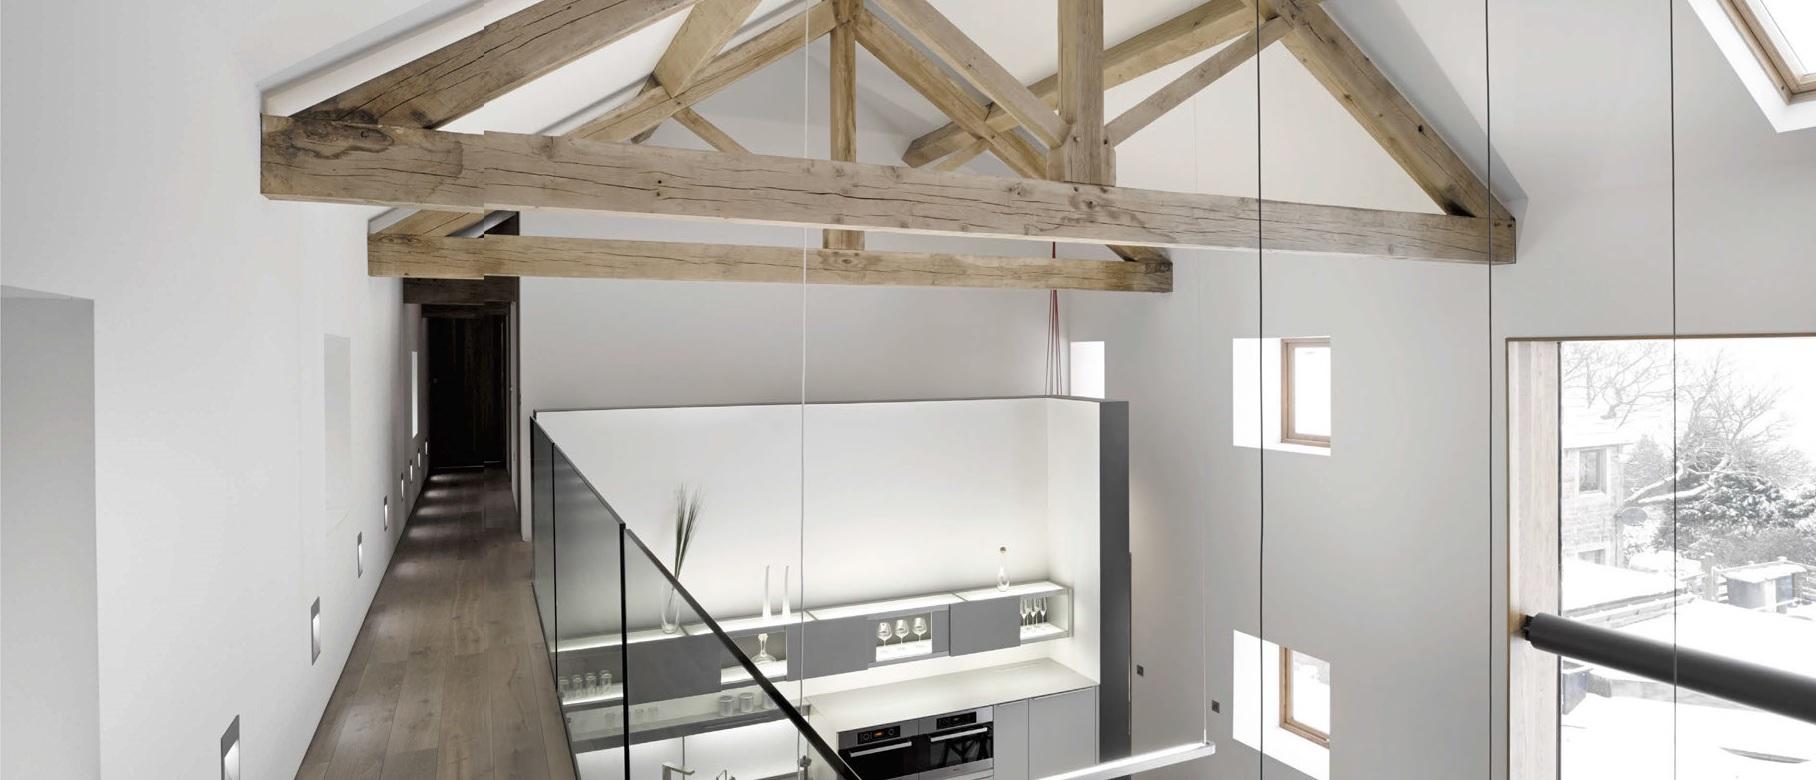 una cucina a due piani in fienile ristrutturato ville casali ForFienile Casa Piani Casa